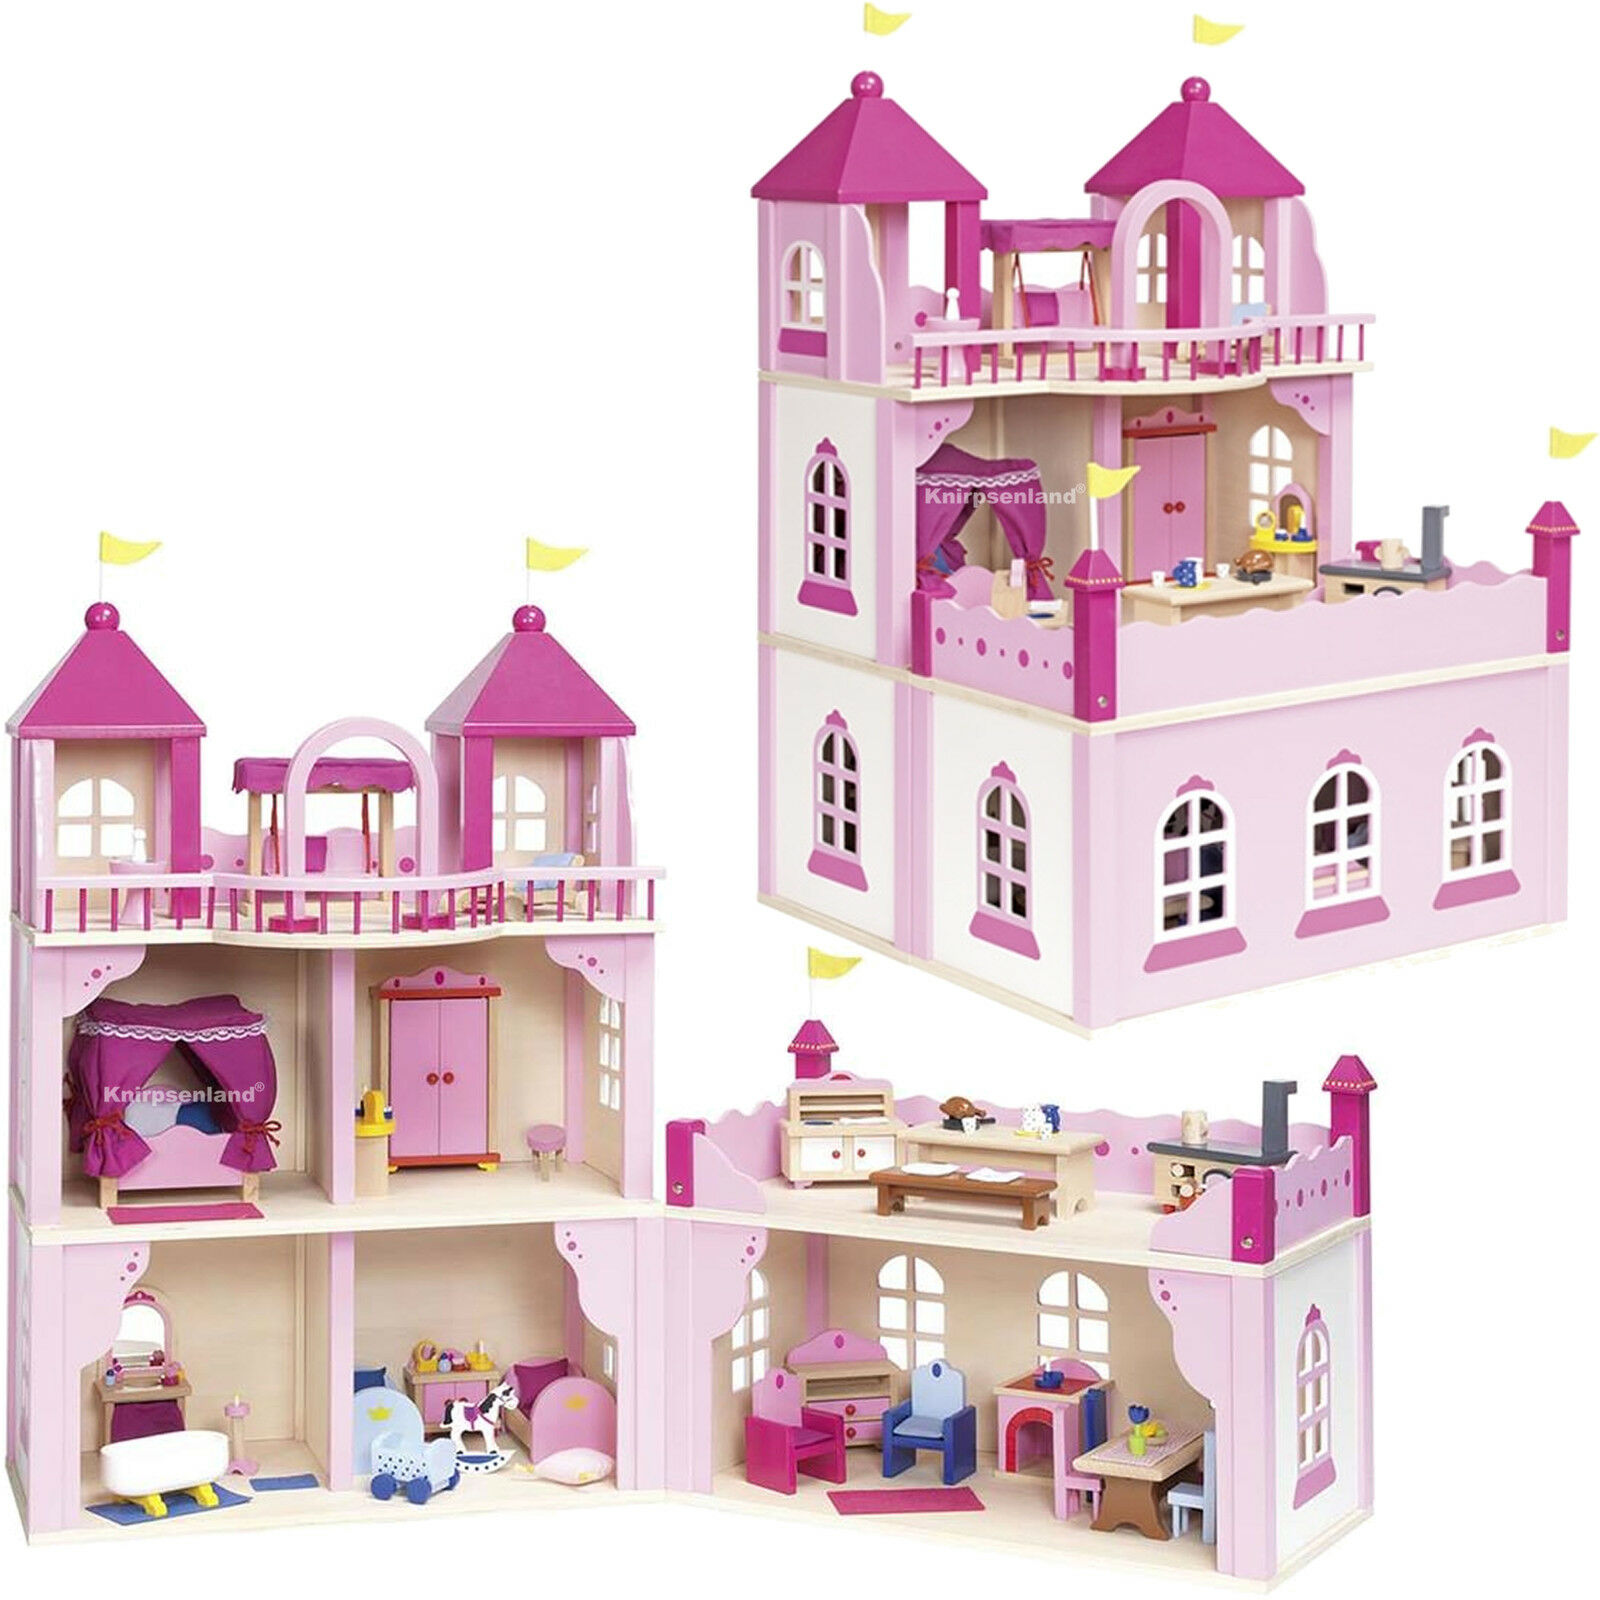 Goki Puppenhaus Holz Puppenstube Puppen Haus Schloss Burg Burg Burg 2 Etagen Puppenschloss 71ac9a